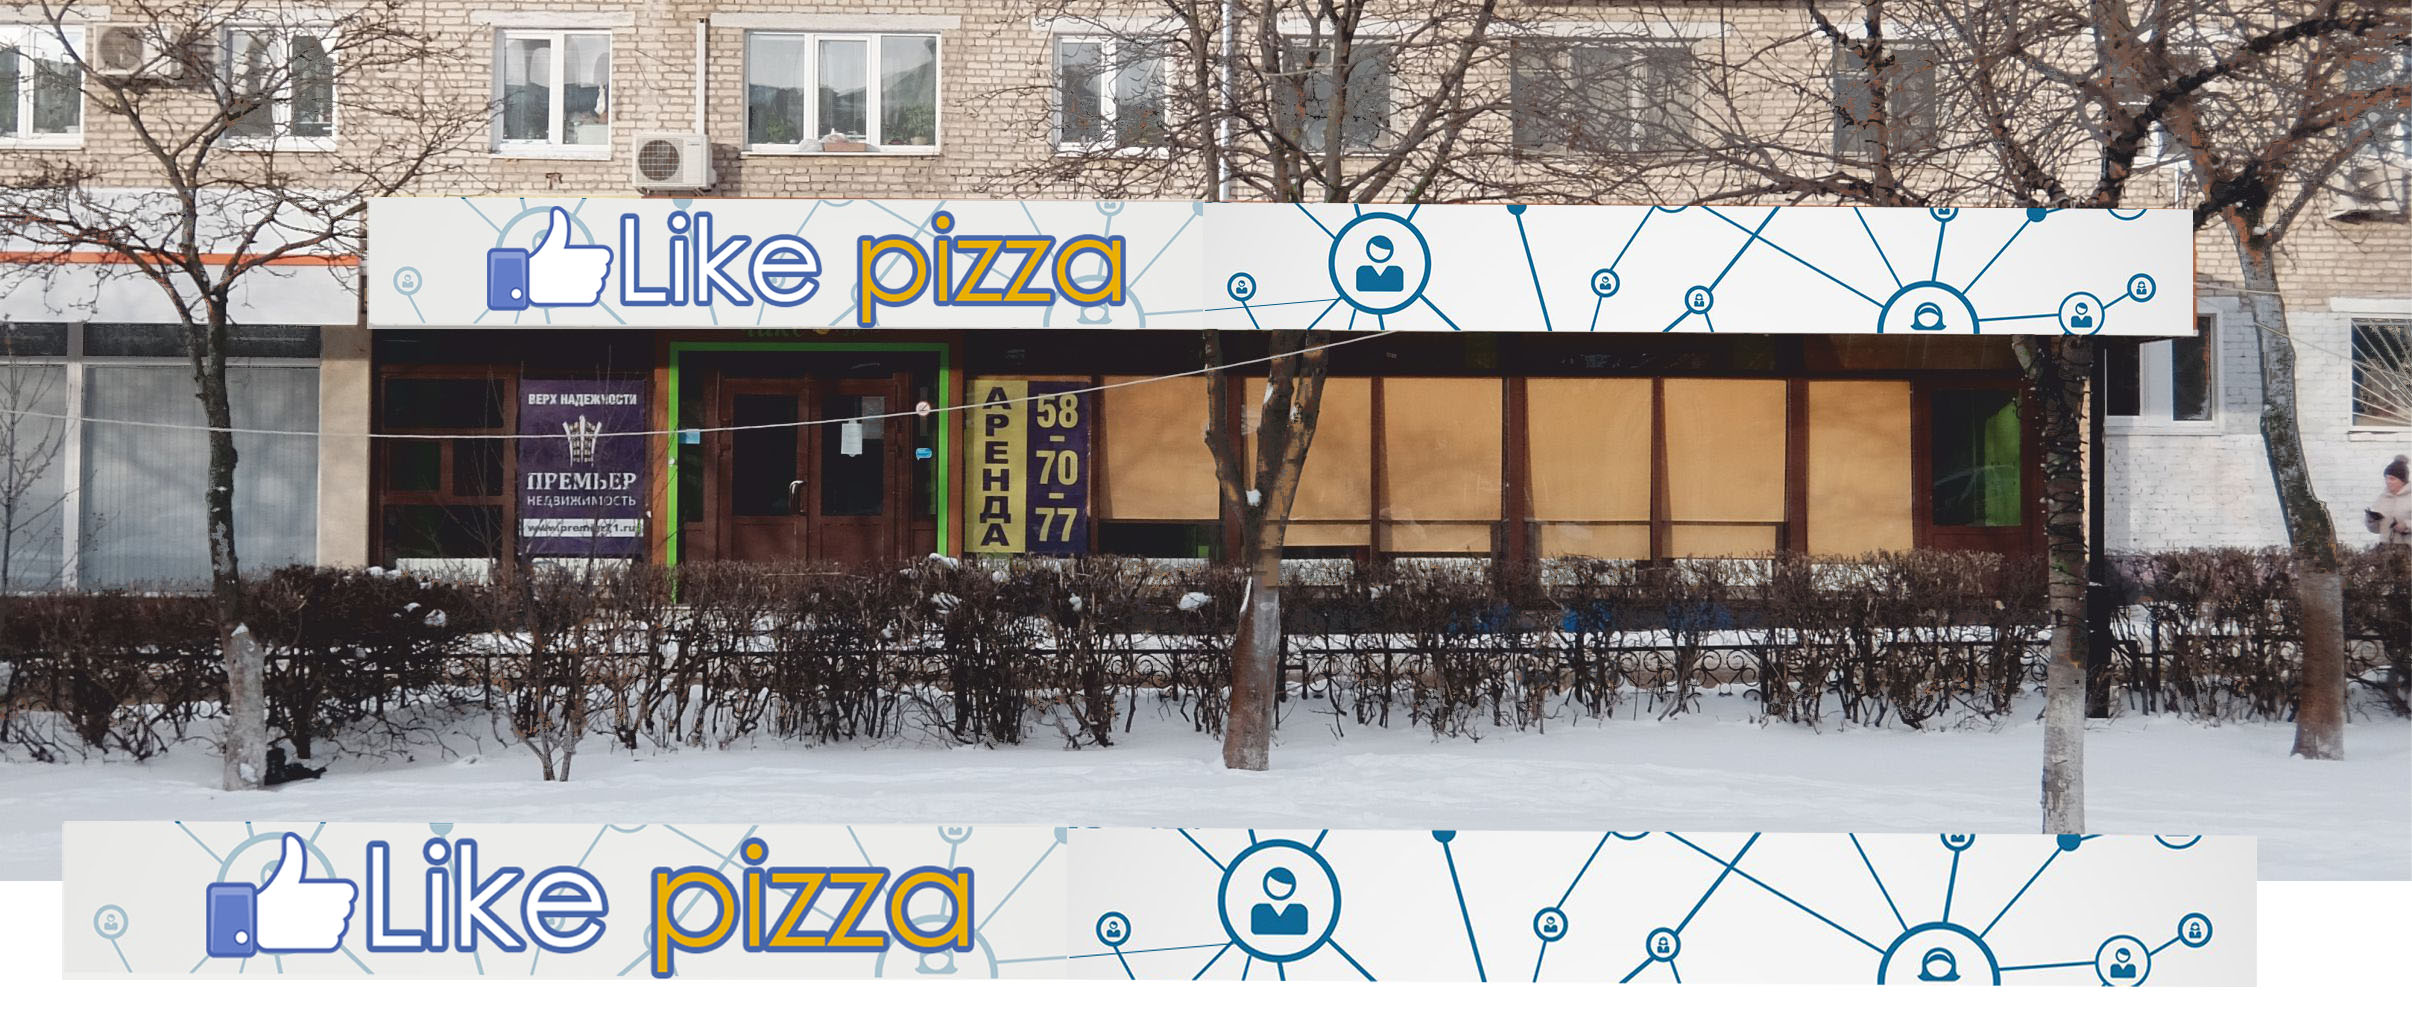 Дизайн уличного козырька с вывеской для пиццерии фото f_851587227418d65f.jpg